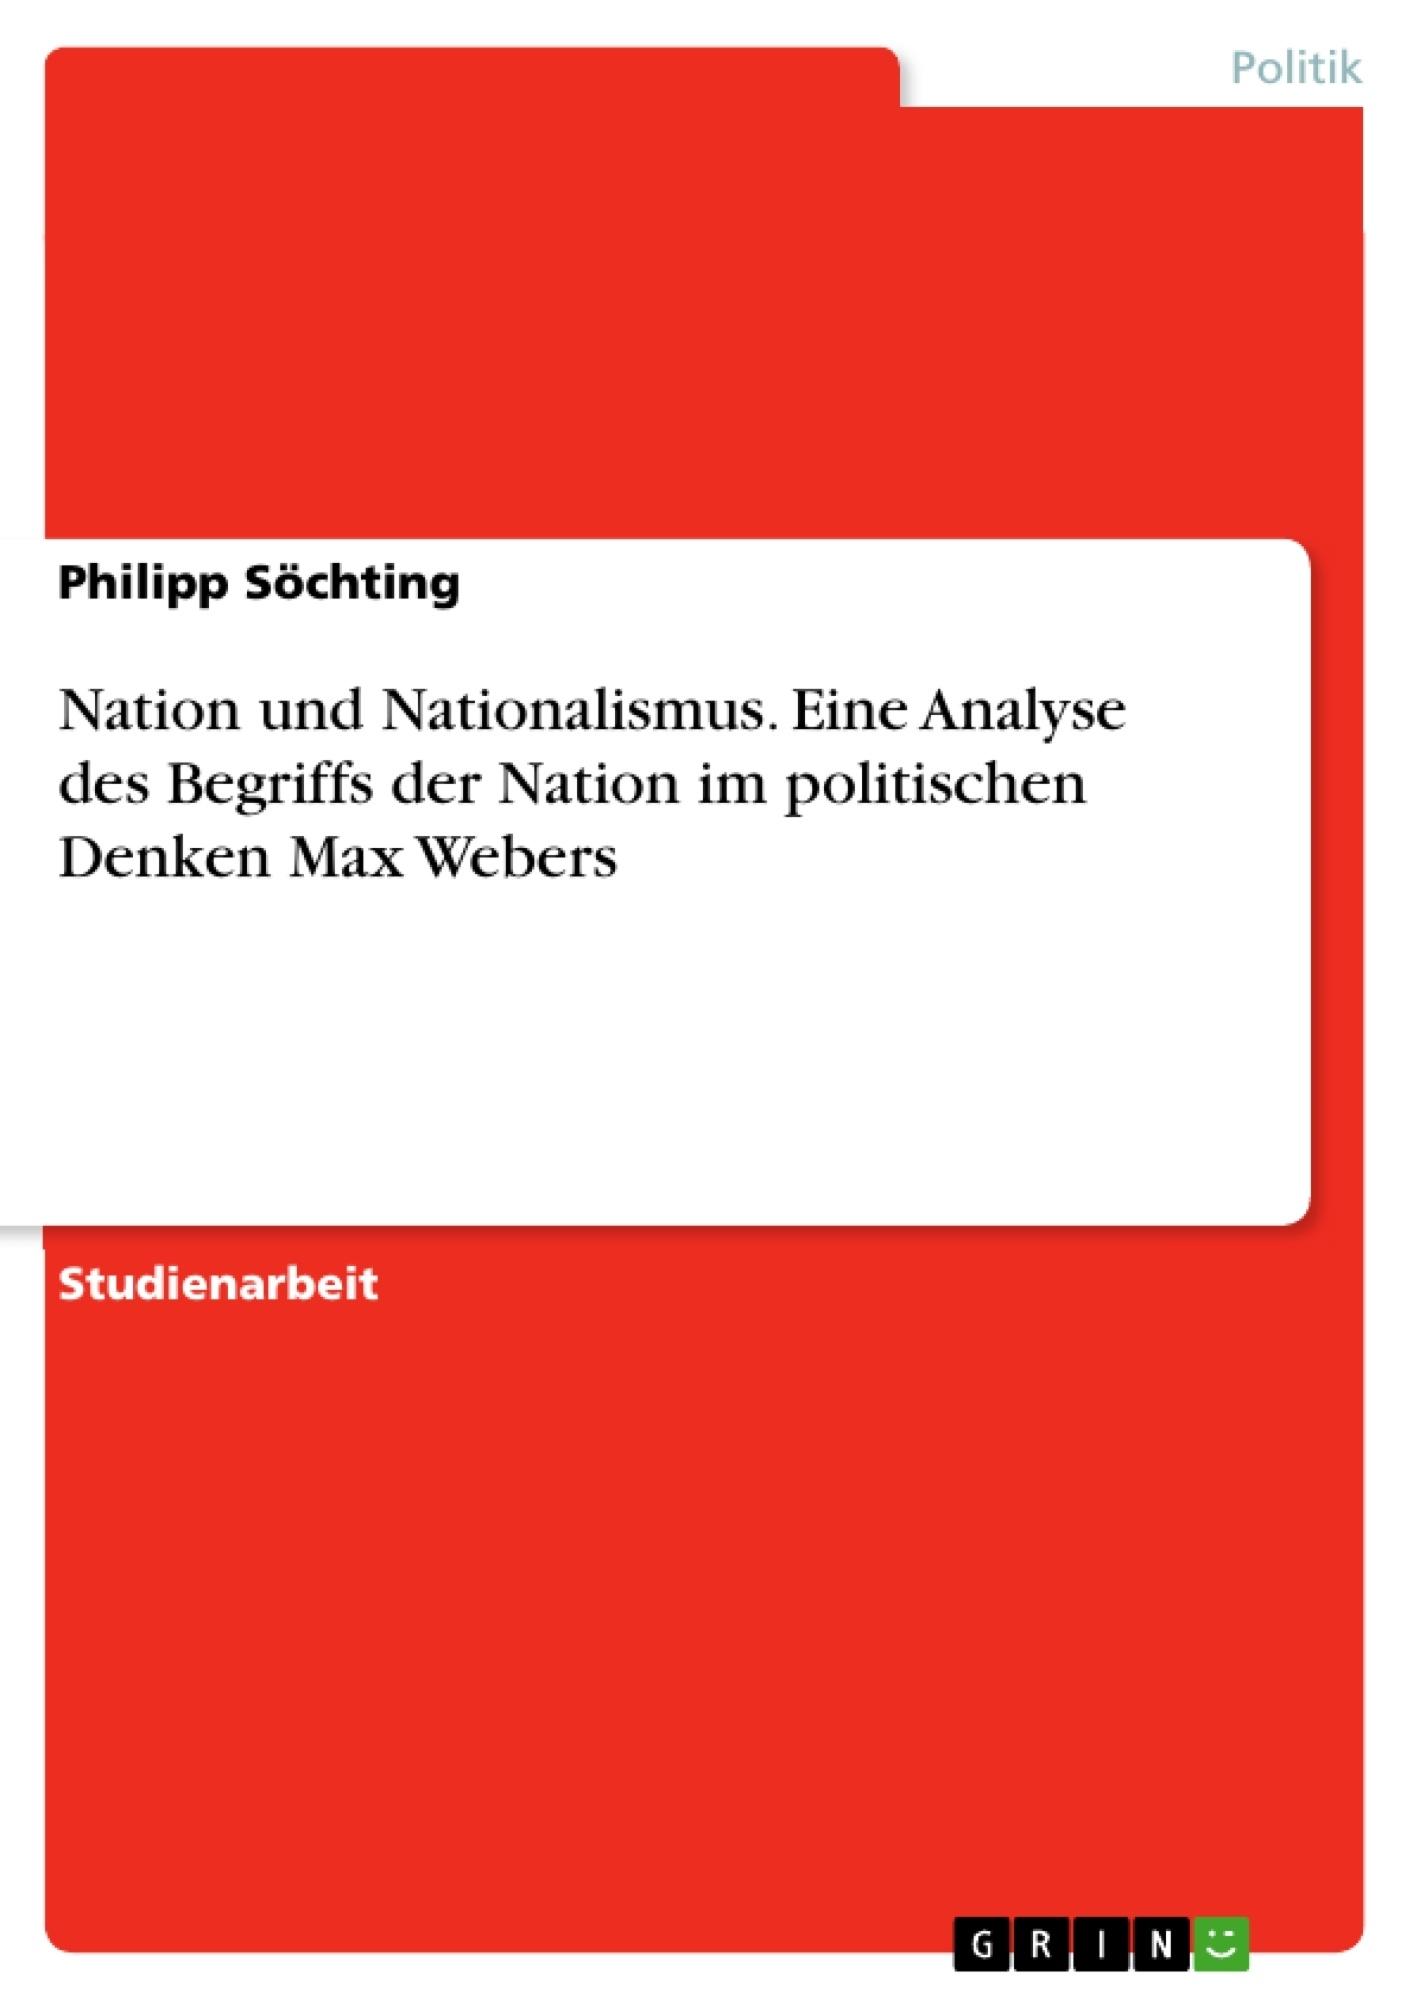 Titel: Nation und Nationalismus. Eine Analyse des Begriffs der Nation im politischen Denken Max Webers